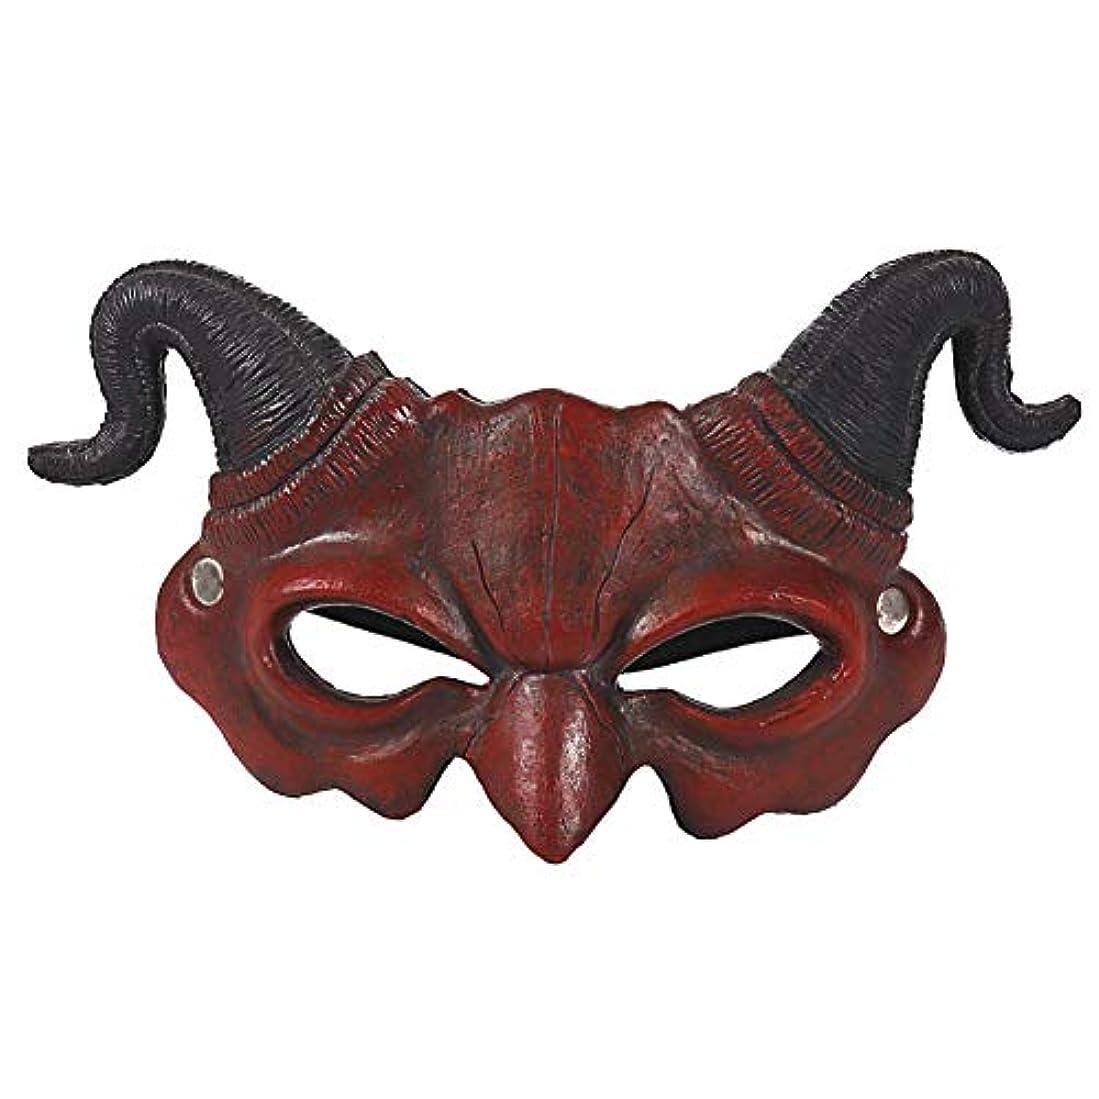 休暇ページ電子レンジAylincoolマスク、ファンシードレスマスク&大人用アイウェア、デザインの凝った服&アクセサリー、キッズパーティーの好意、キッズパーティーアイウェア、デザインの凝った服、PU泡ホーン3 D現実的な悪魔ヤギハーフフェイスハロウィーンパーティーのため